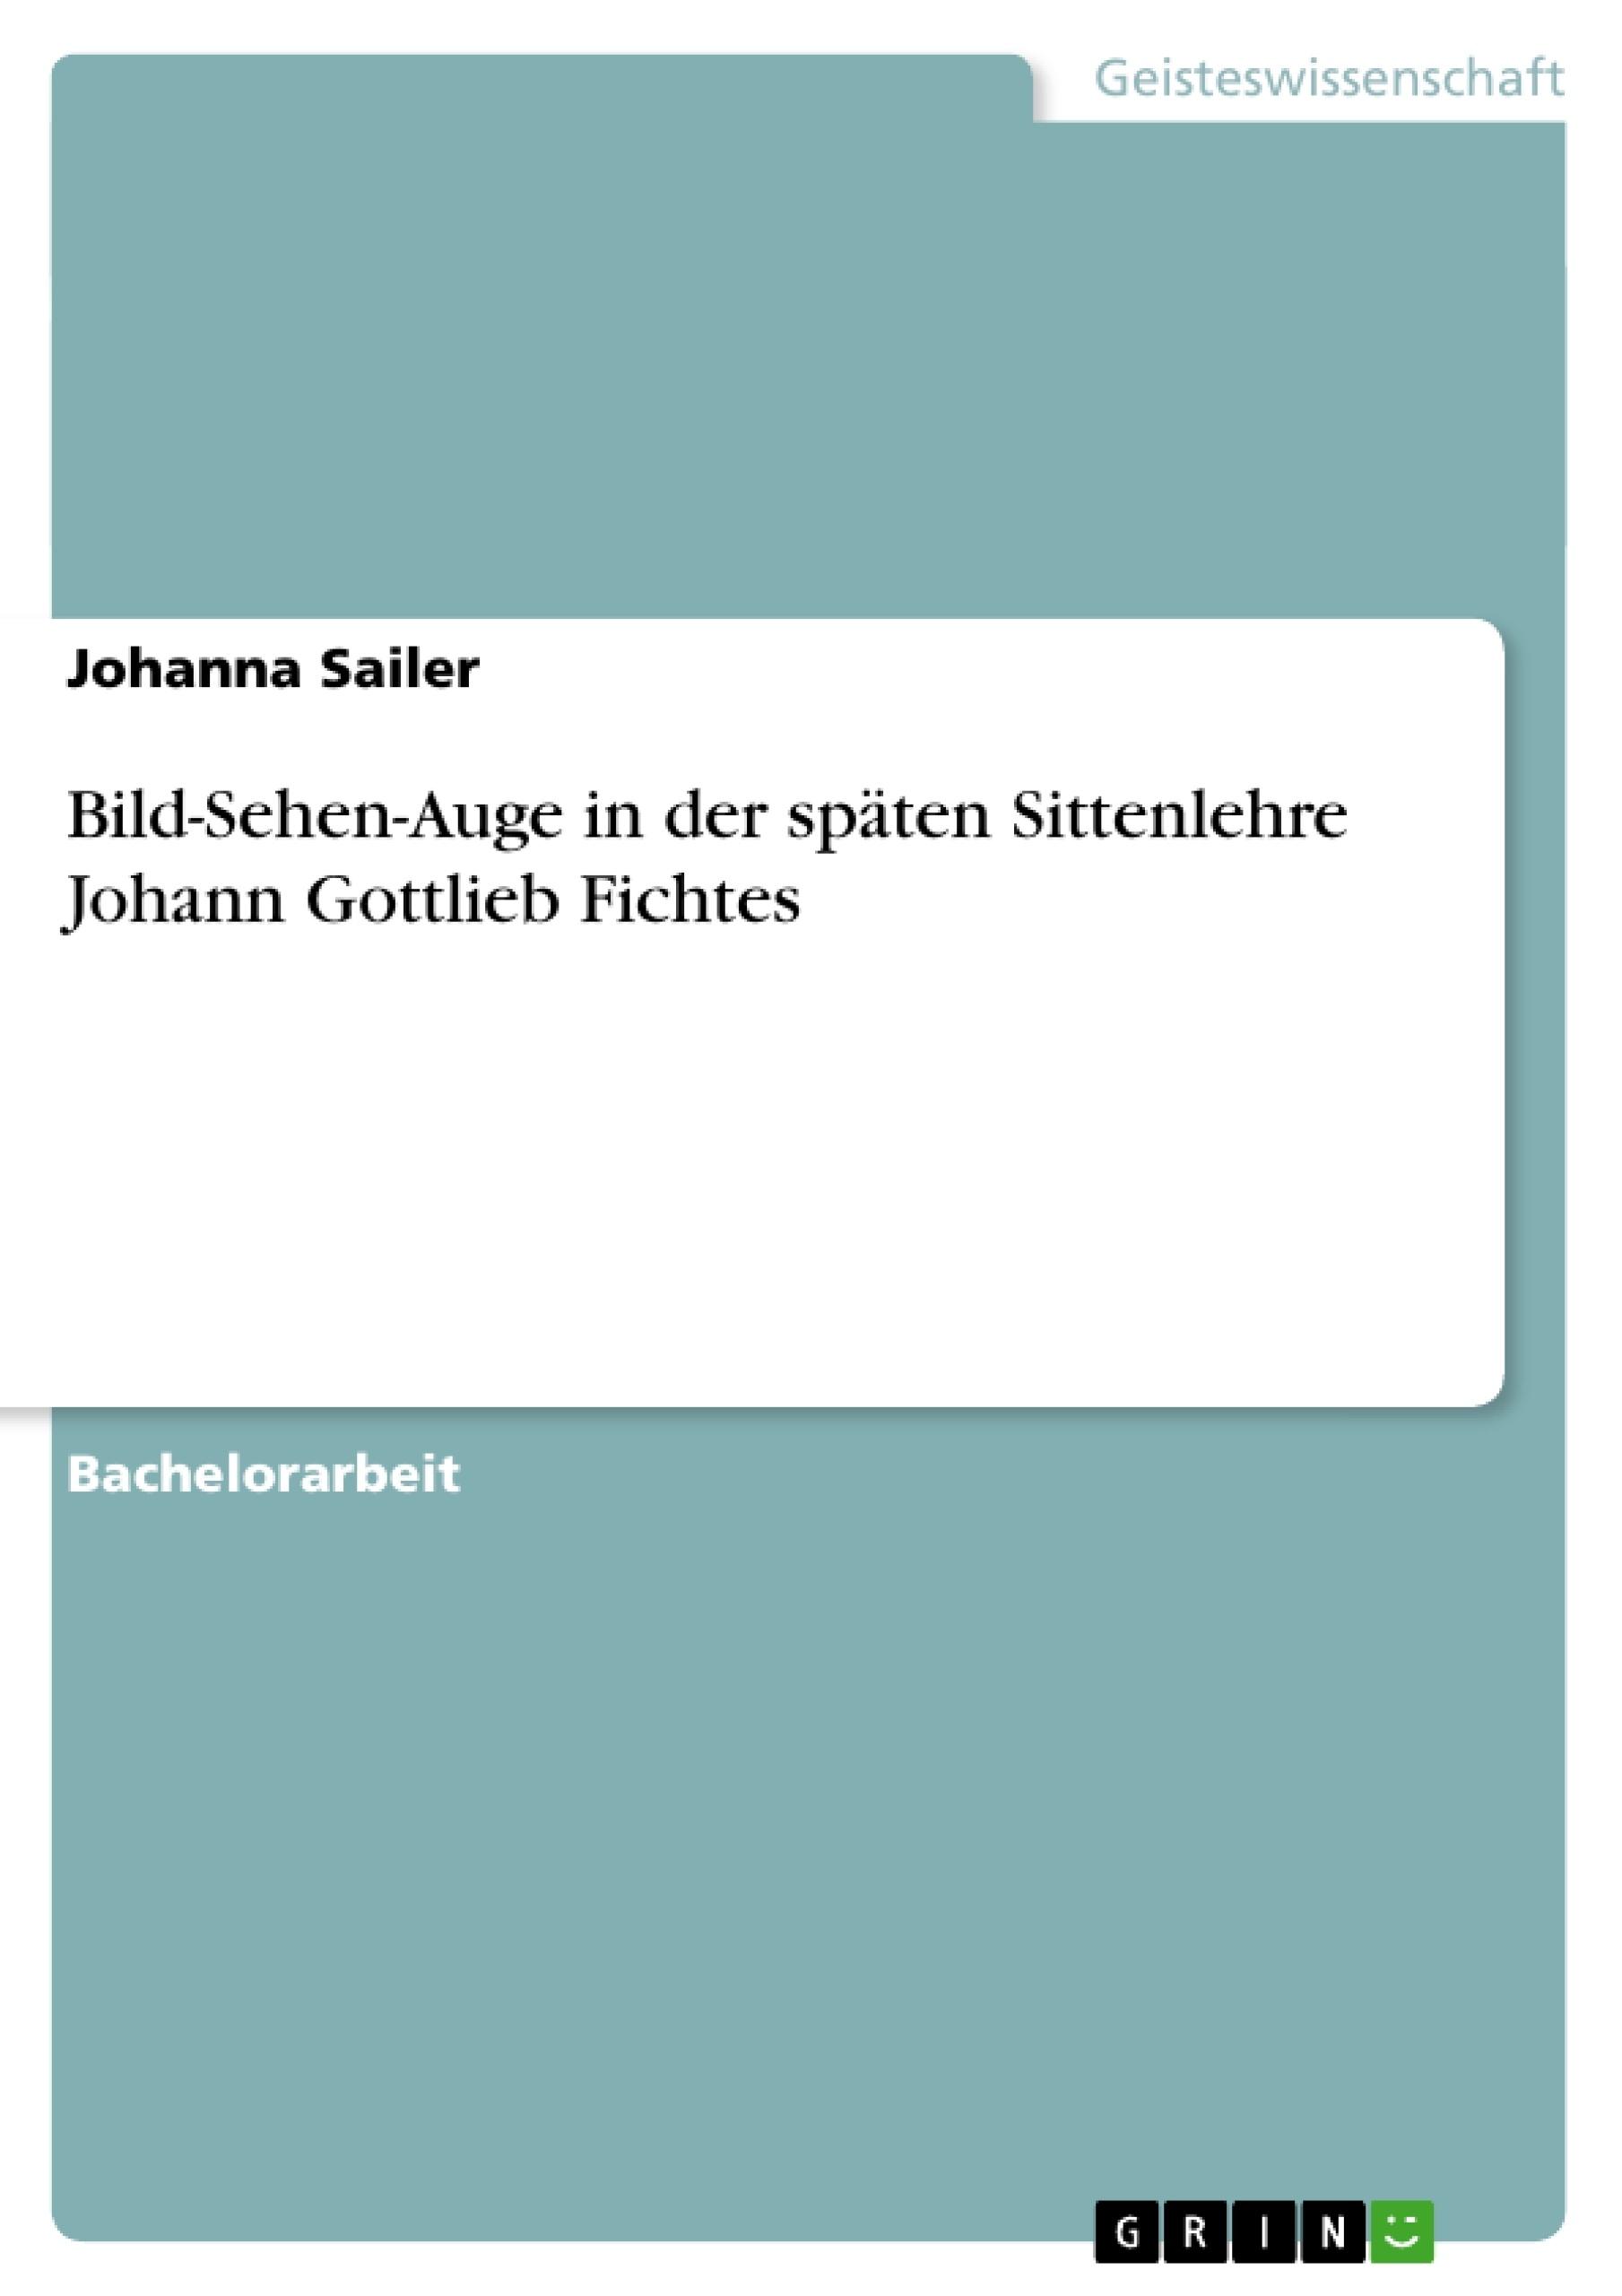 Titel: Bild-Sehen-Auge in der späten Sittenlehre Johann Gottlieb Fichtes